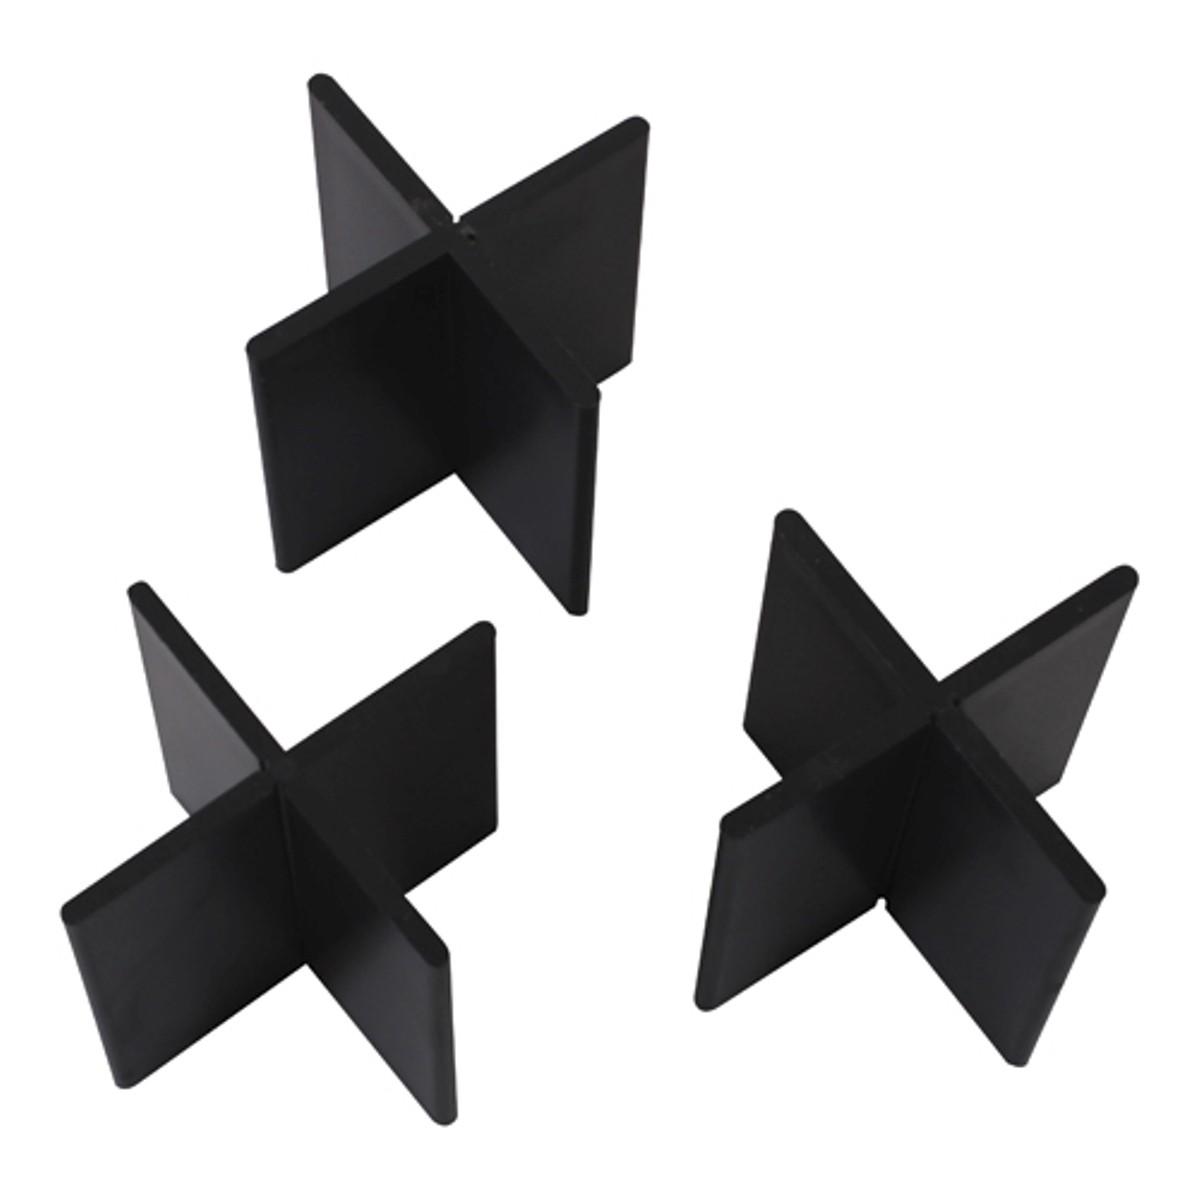 Voegkruis herbruikbaar zwart 3mm 50x55mm (100st.)